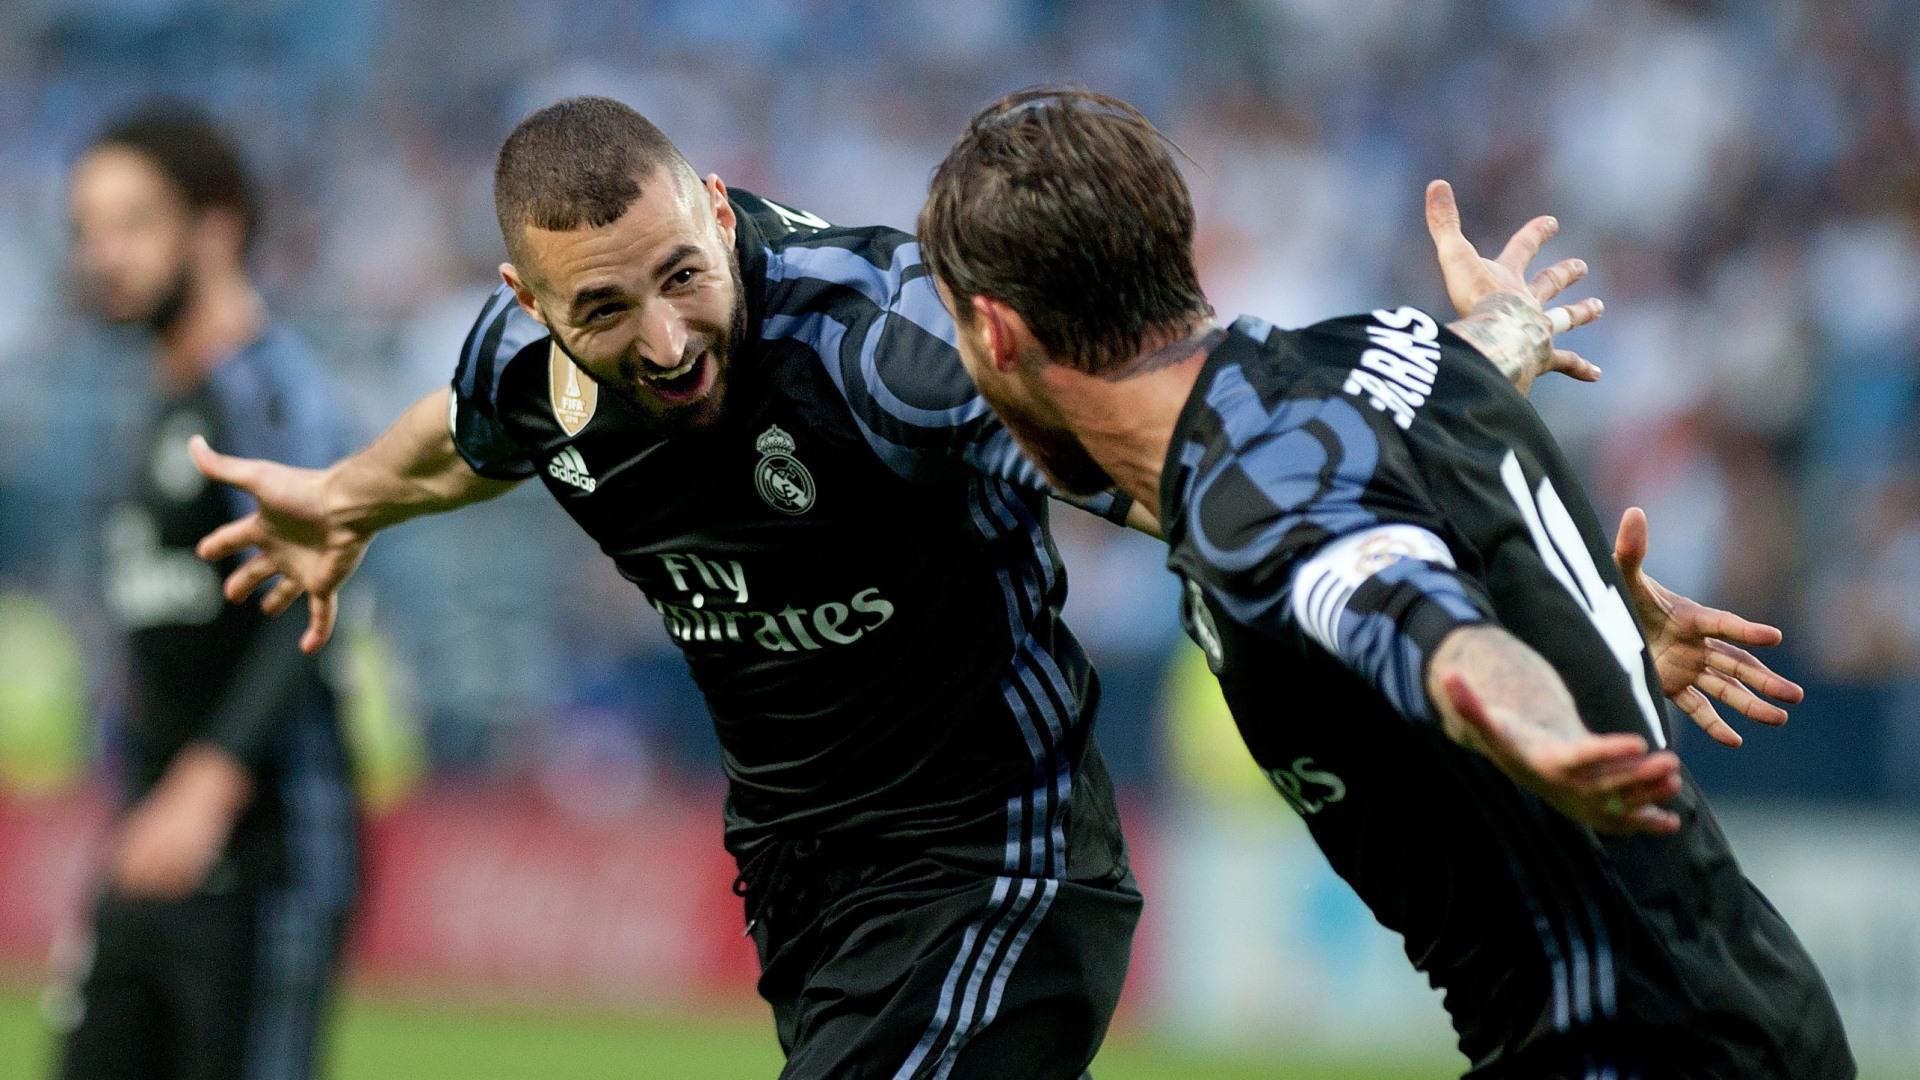 İspanya La Liga'da Real Madrid 5 yıllık hasreti bitirdi